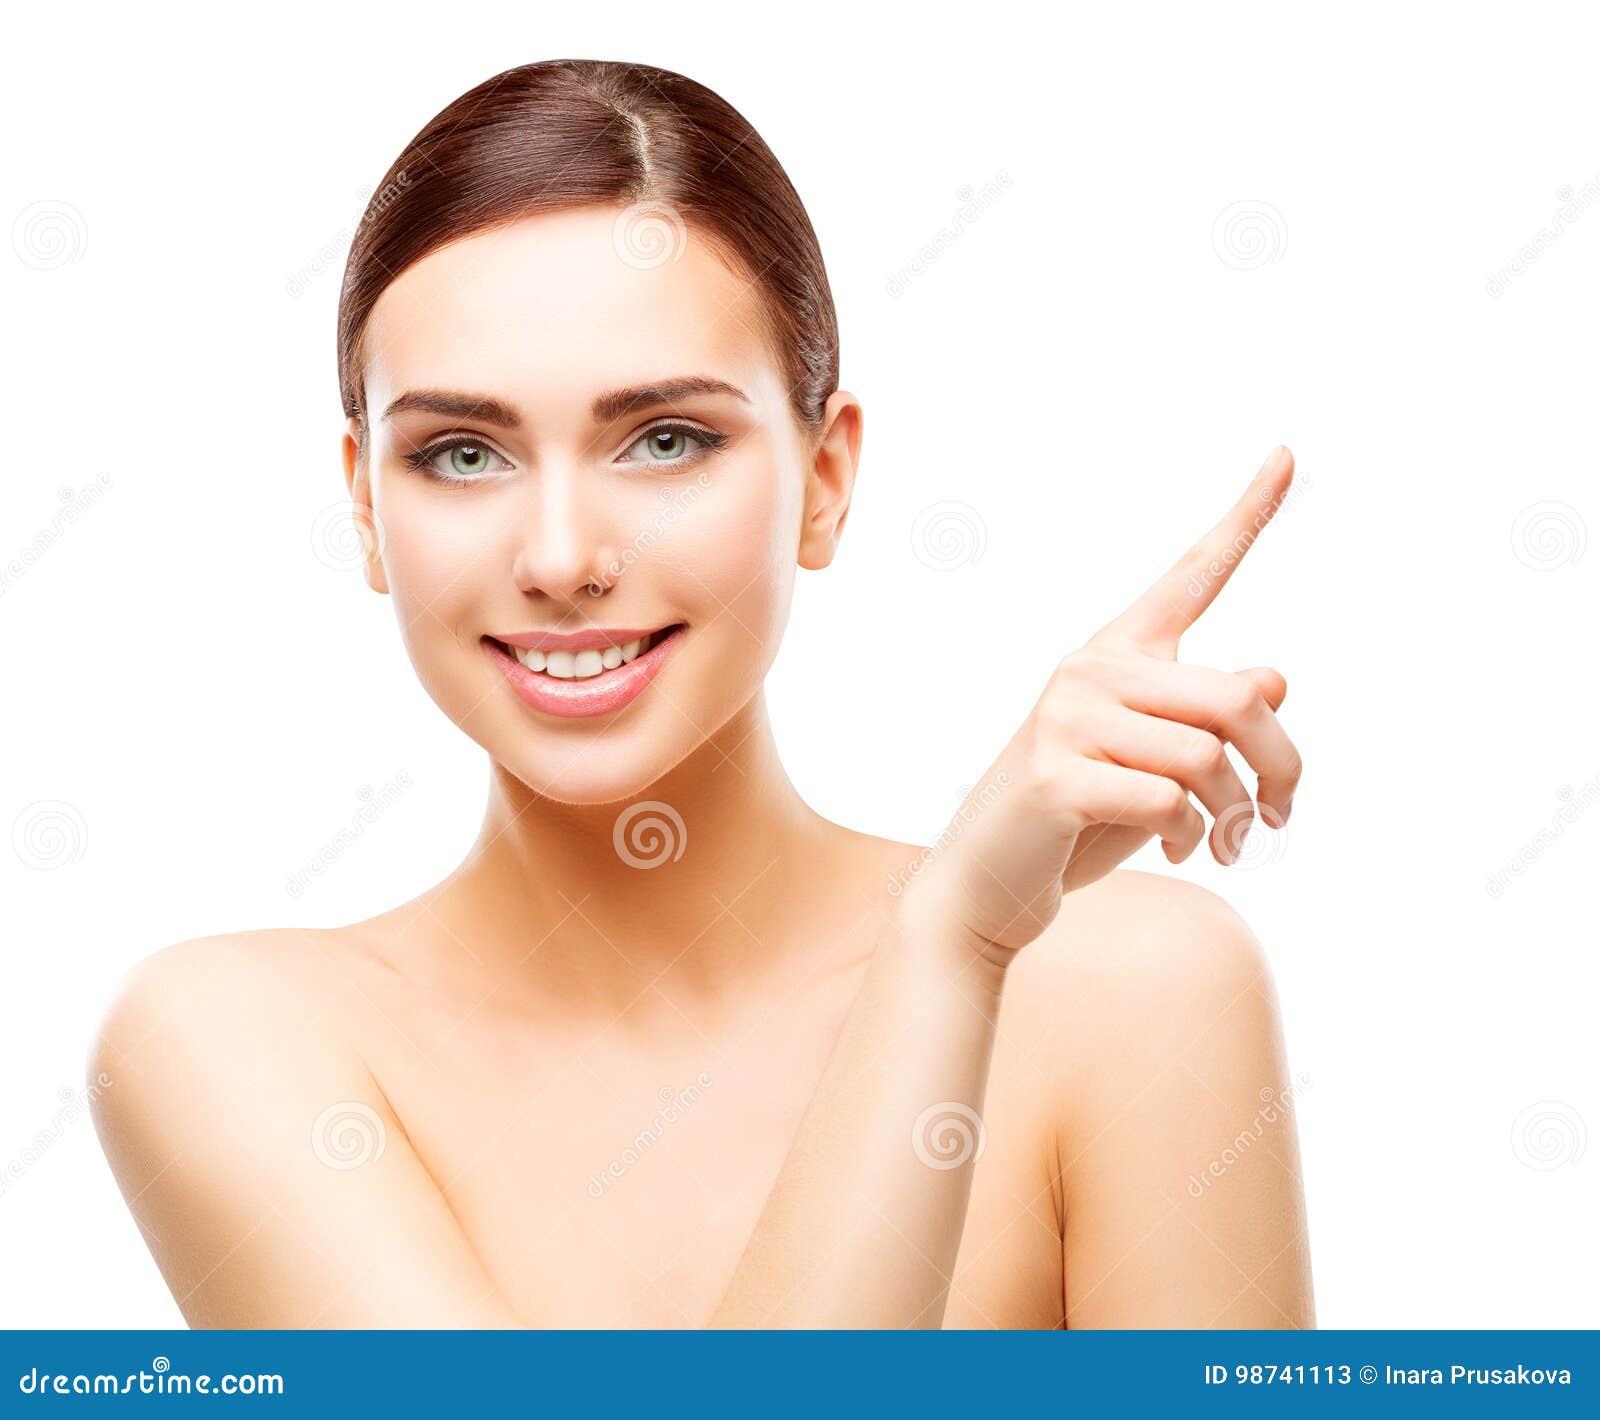 Ευτυχής γυναίκα που δείχνει από το δάχτυλο, πρόσωπο Makeup ομορφιάς κοριτσιών χαμόγελου